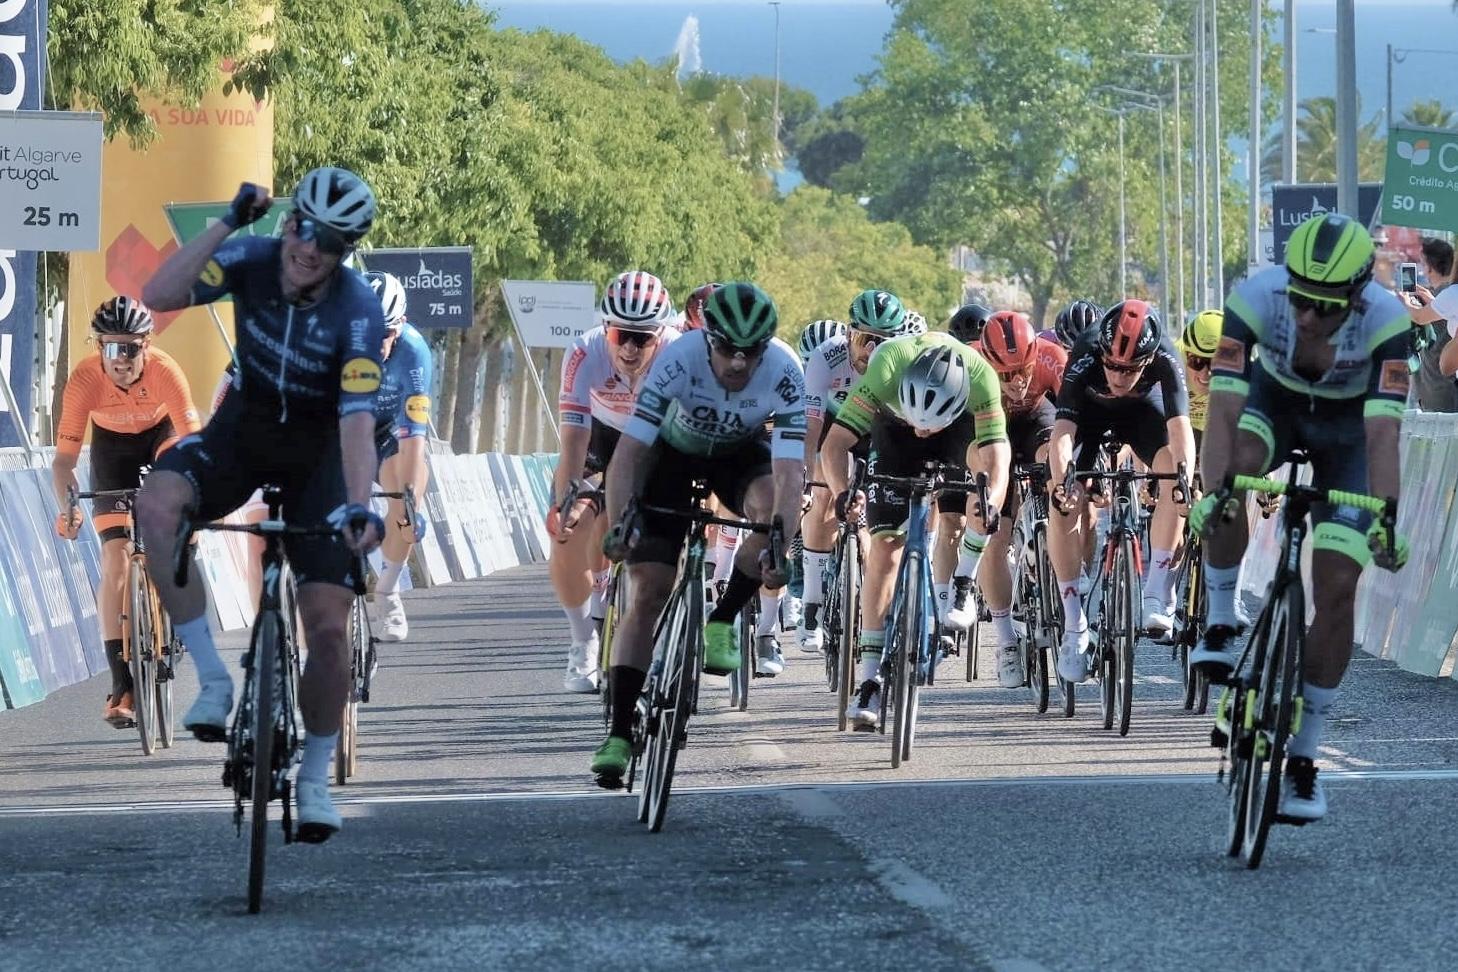 Tercer puesto y montaña para un buen inicio del equipo en Algarve